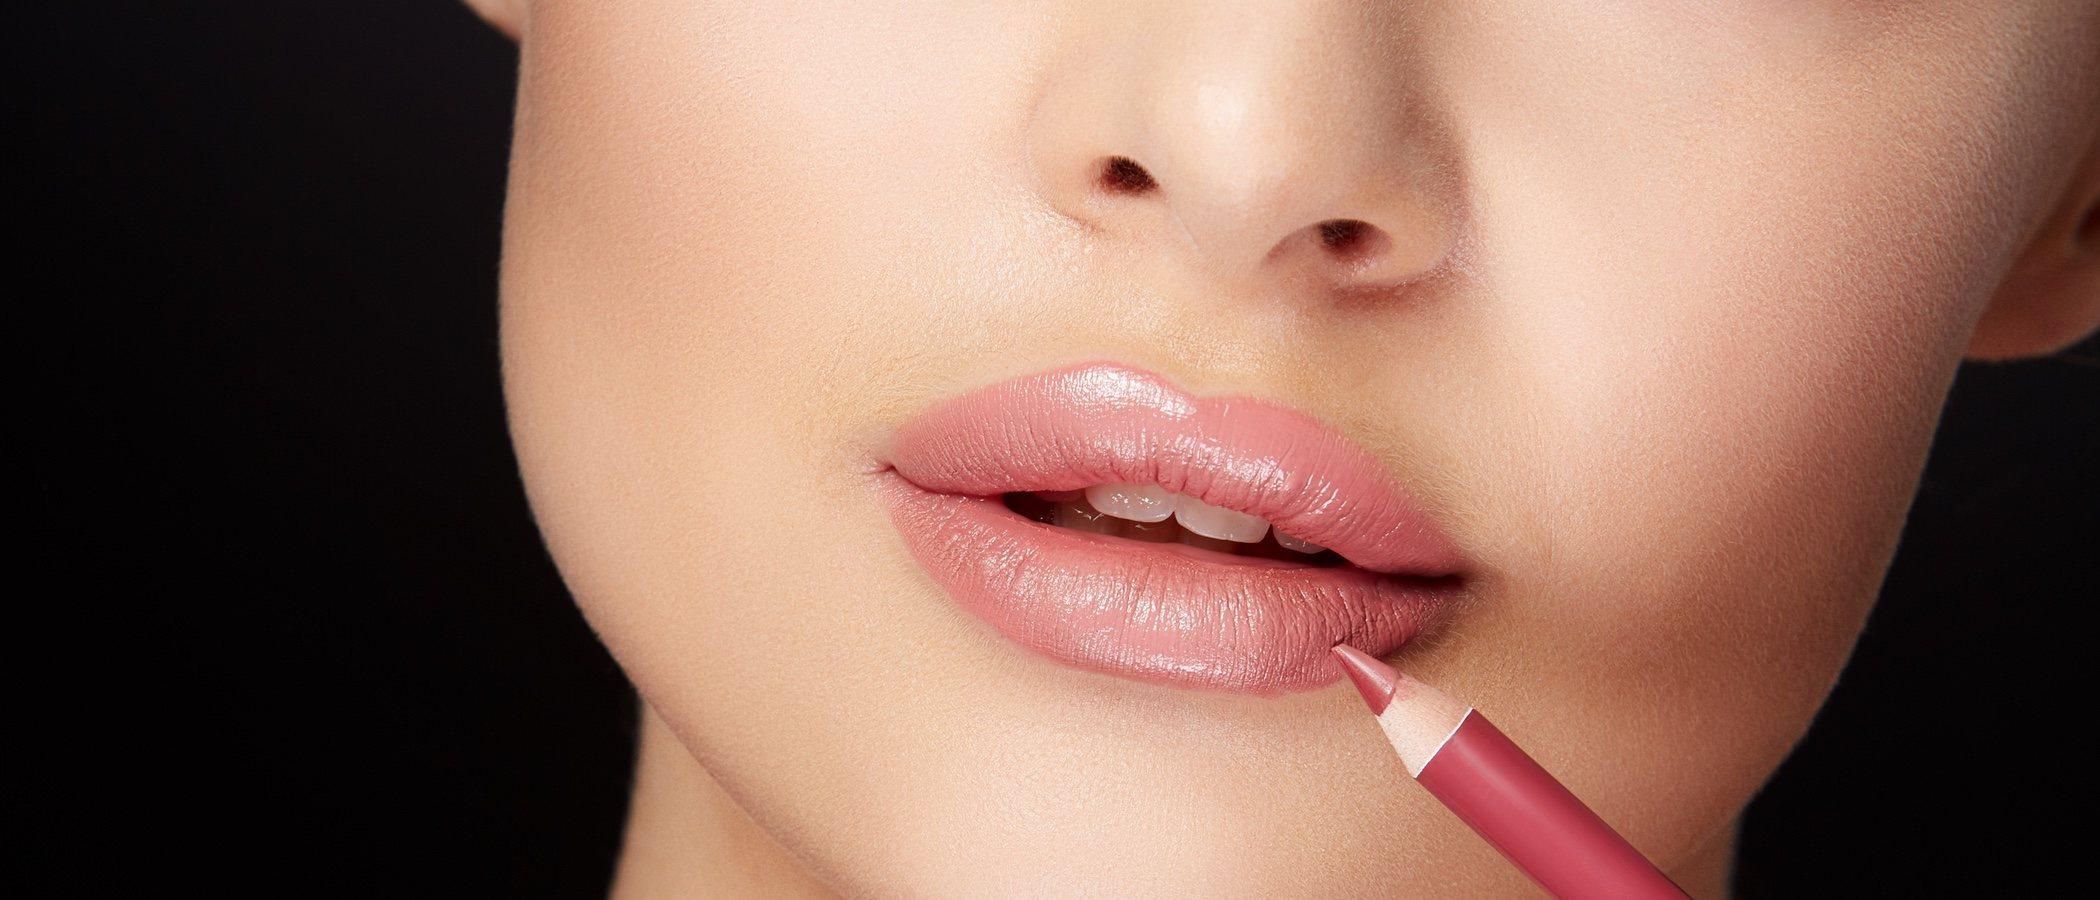 5 perfiladores de labios low cost que no pueden faltar en tu kit de maquillaje